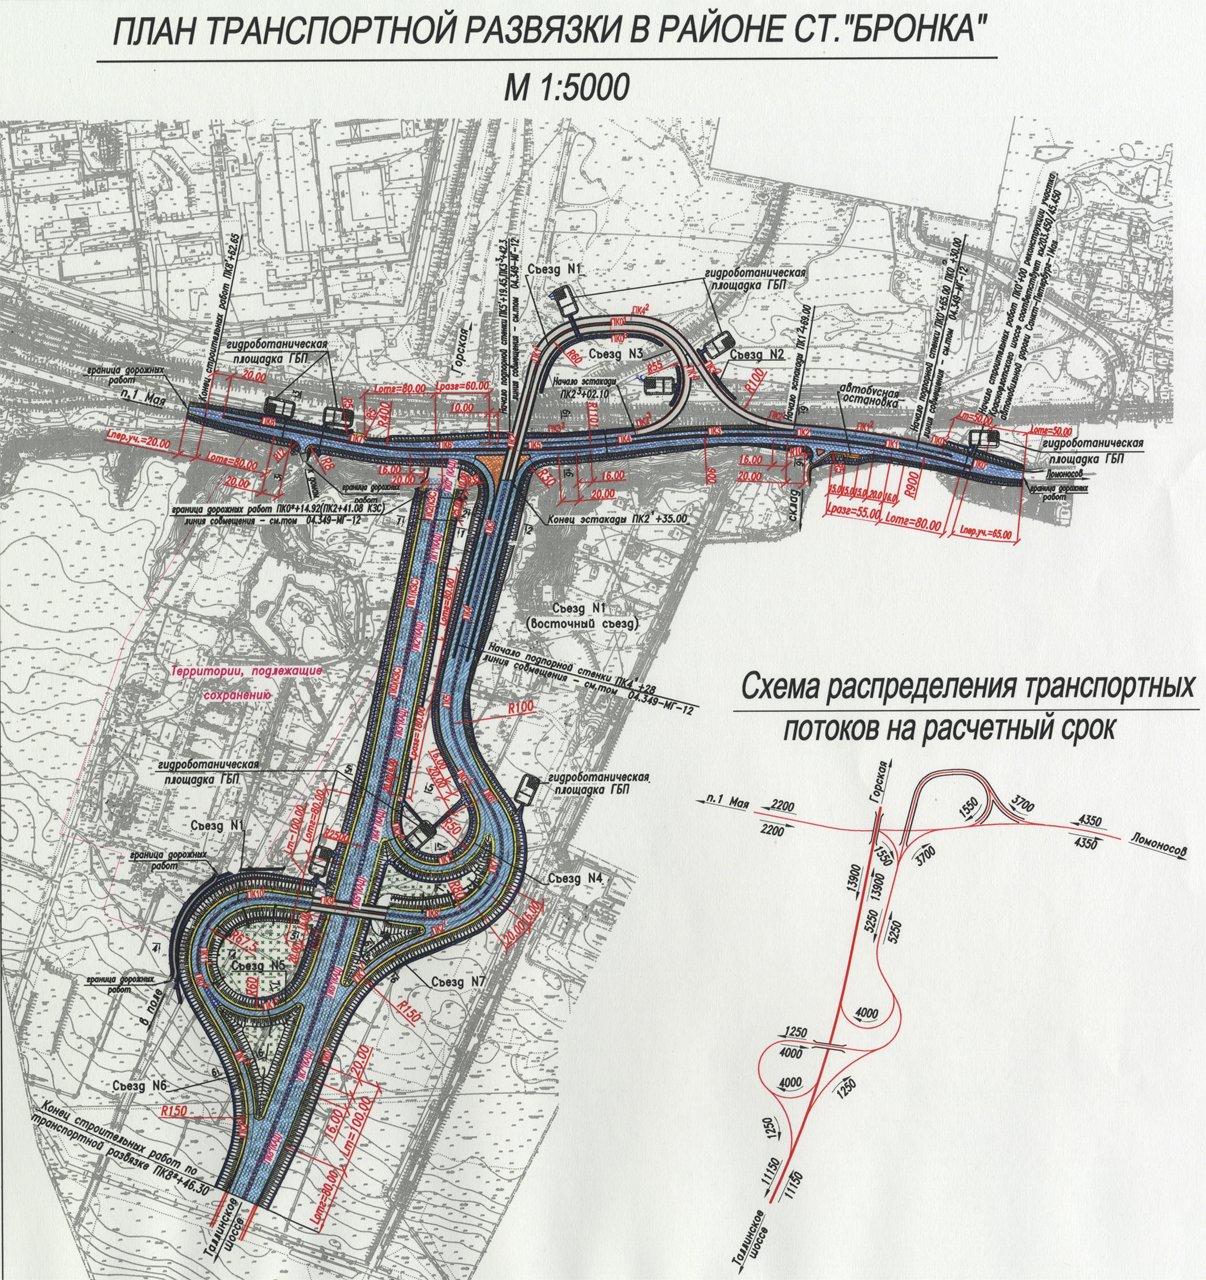 кад развязки петербург схема